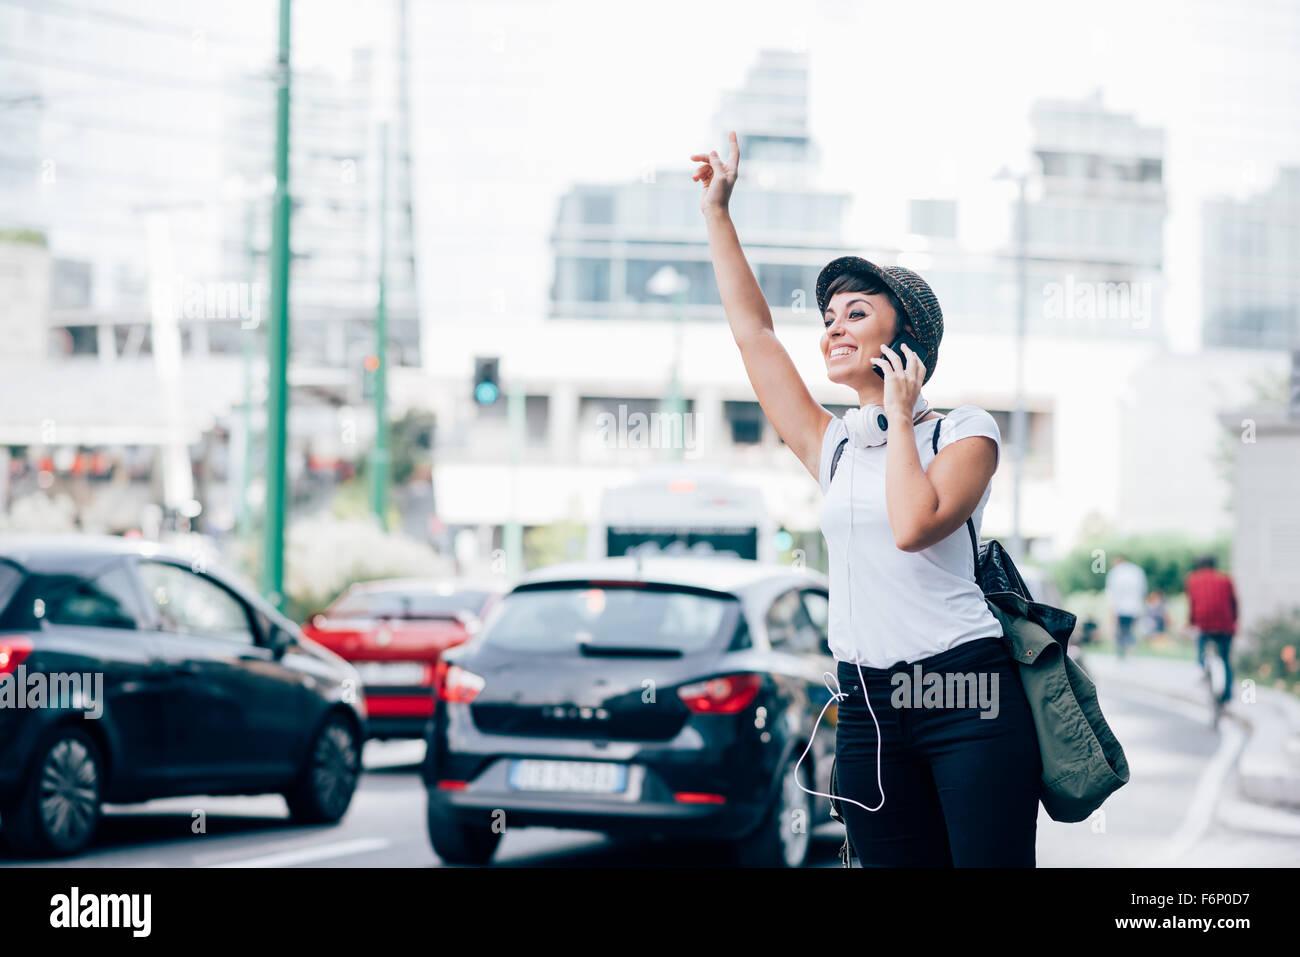 Knie Figur junge hübsche kaukasischen braun glattes Haar Frau fragt nach einem Taxi, hob die Arme beim Smartphone Stockbild